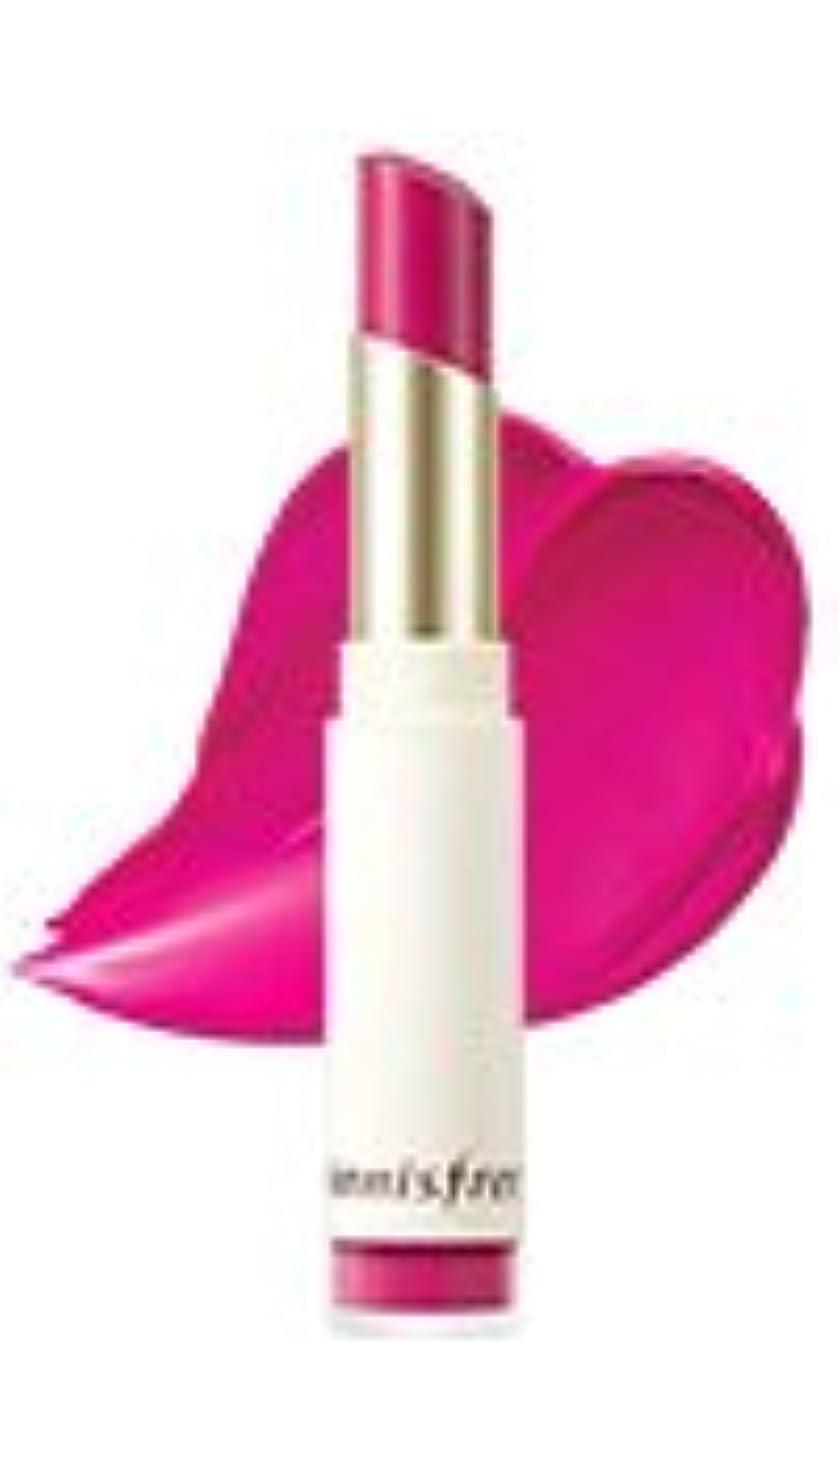 相手ジャニス実質的Innisfree Real Fit Velvet Lipstick 3.5g #09 イニスフリー リアルフィットベルベットリップスティック 3.5g #09 [2017 new] [並行輸入品]